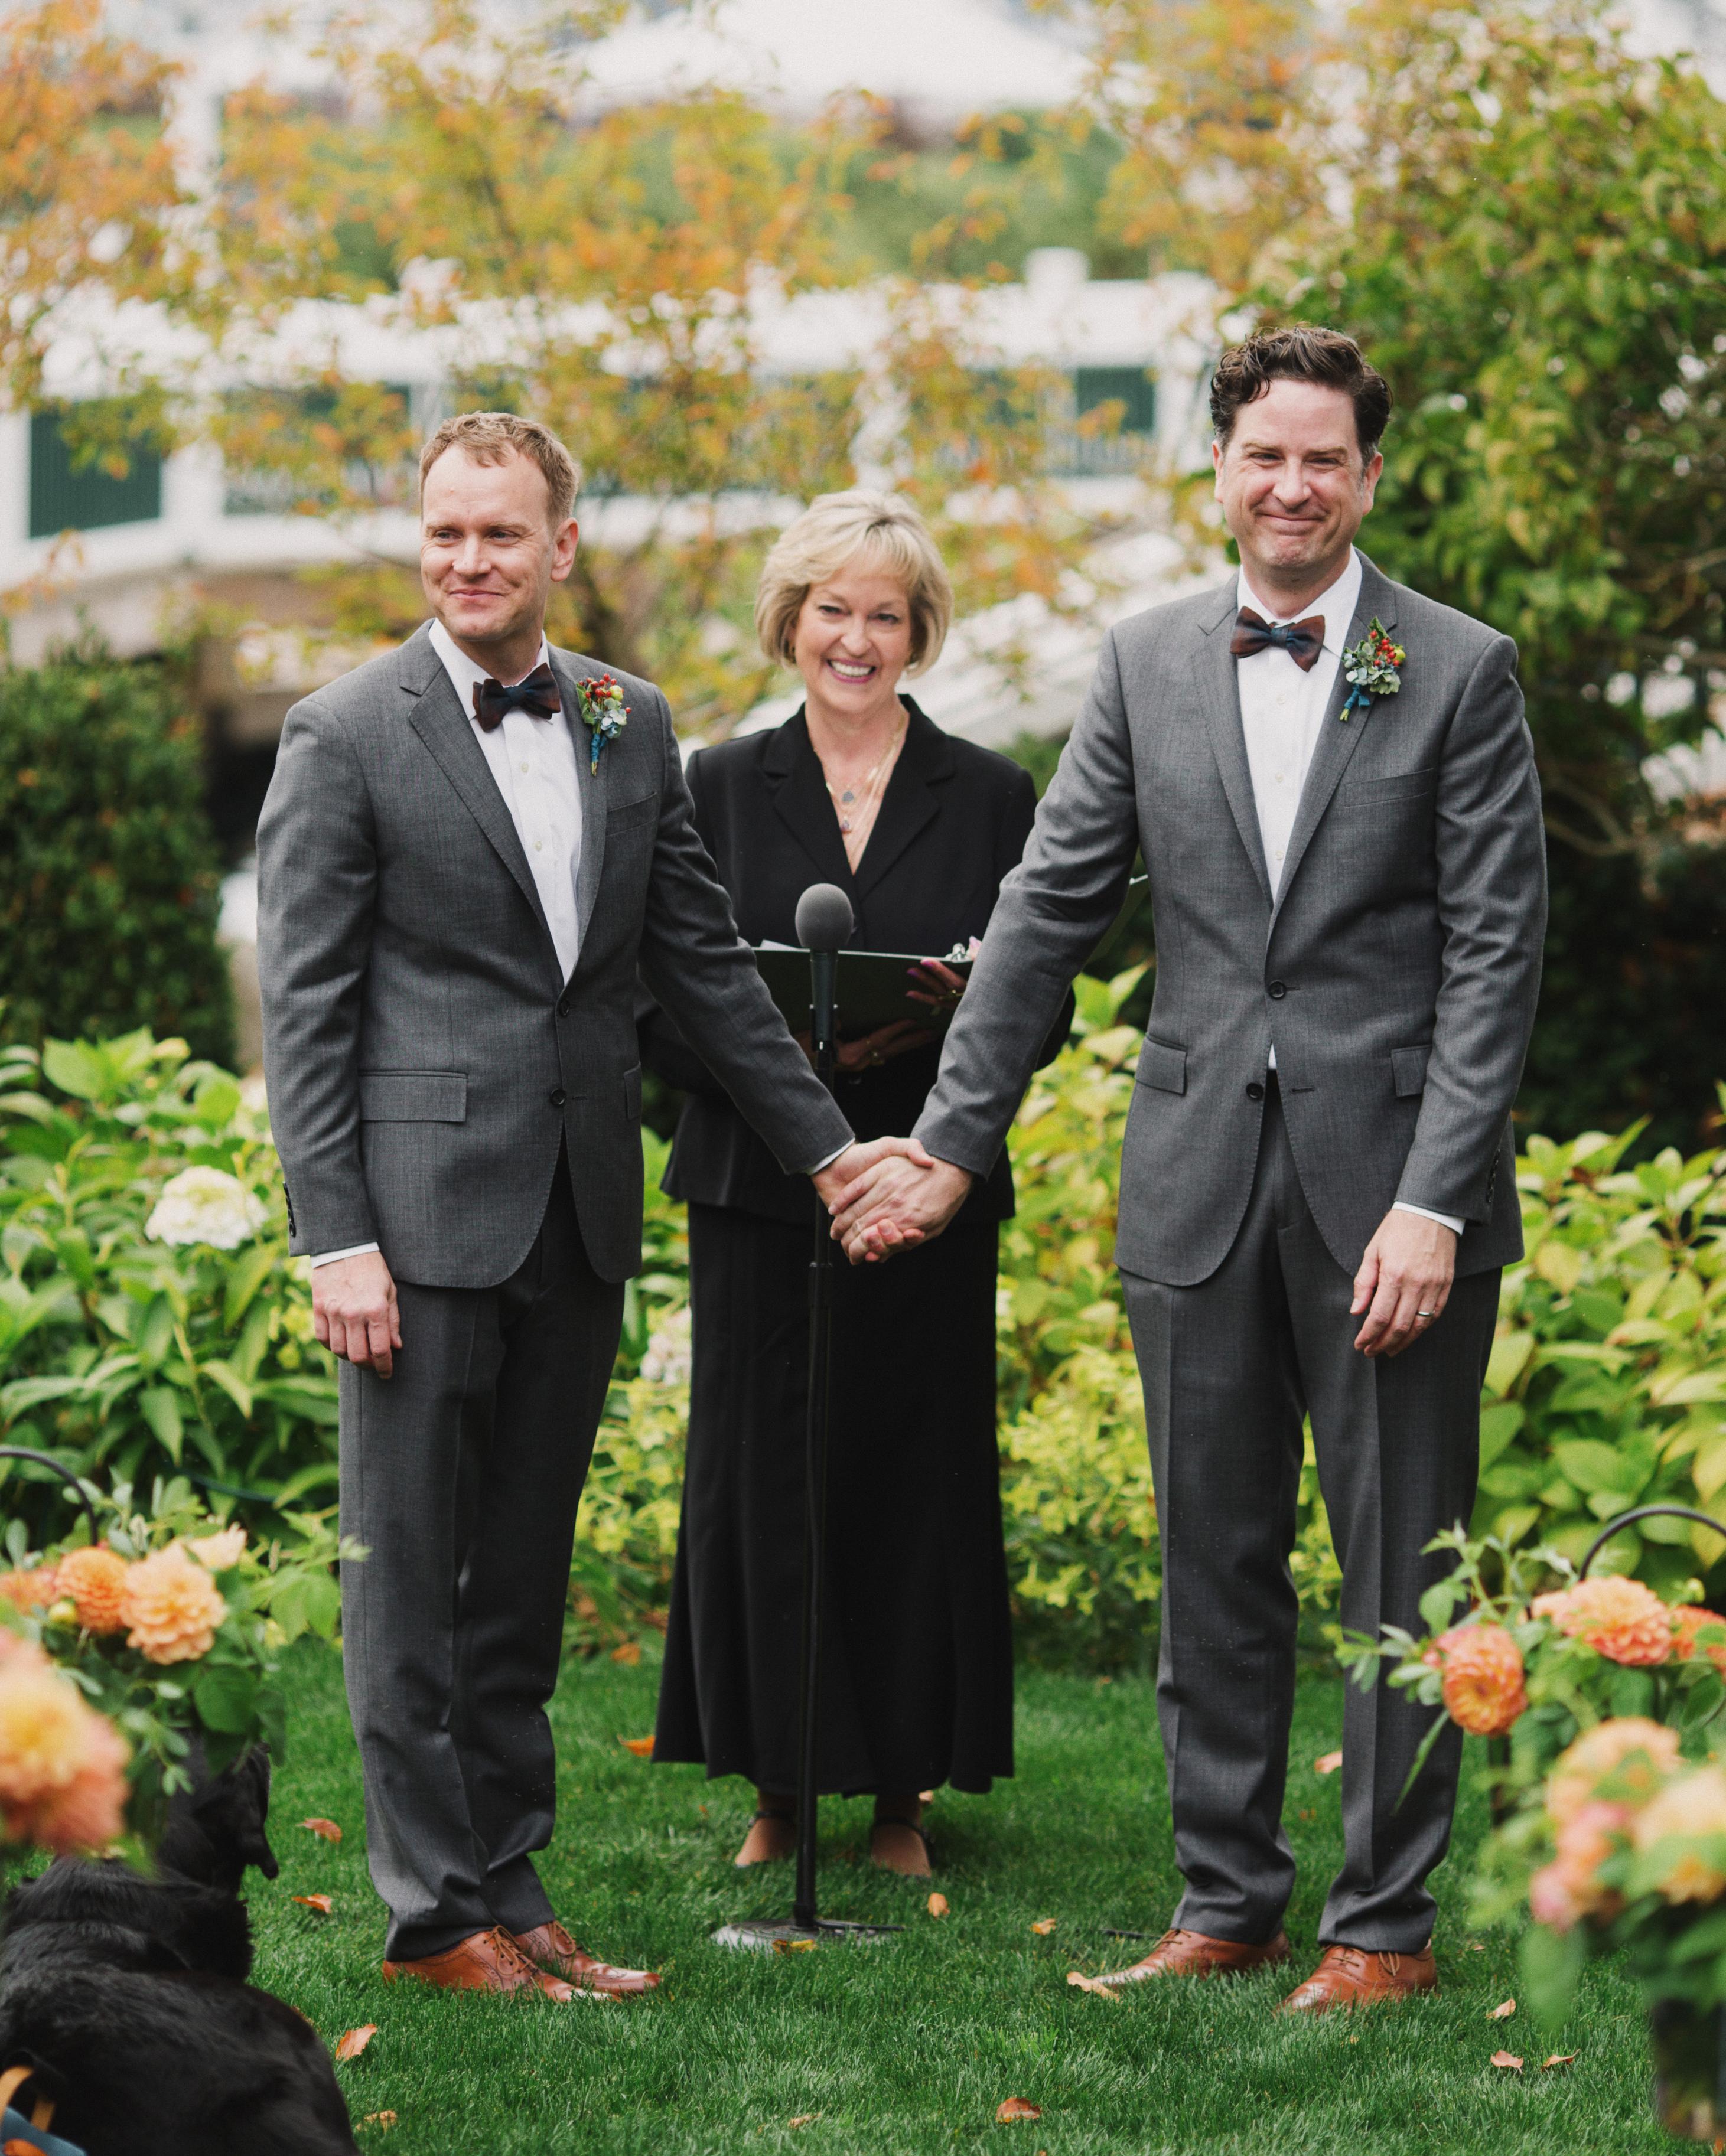 craig-andrew-wedding-ceremony-471-s111833-0215.jpg